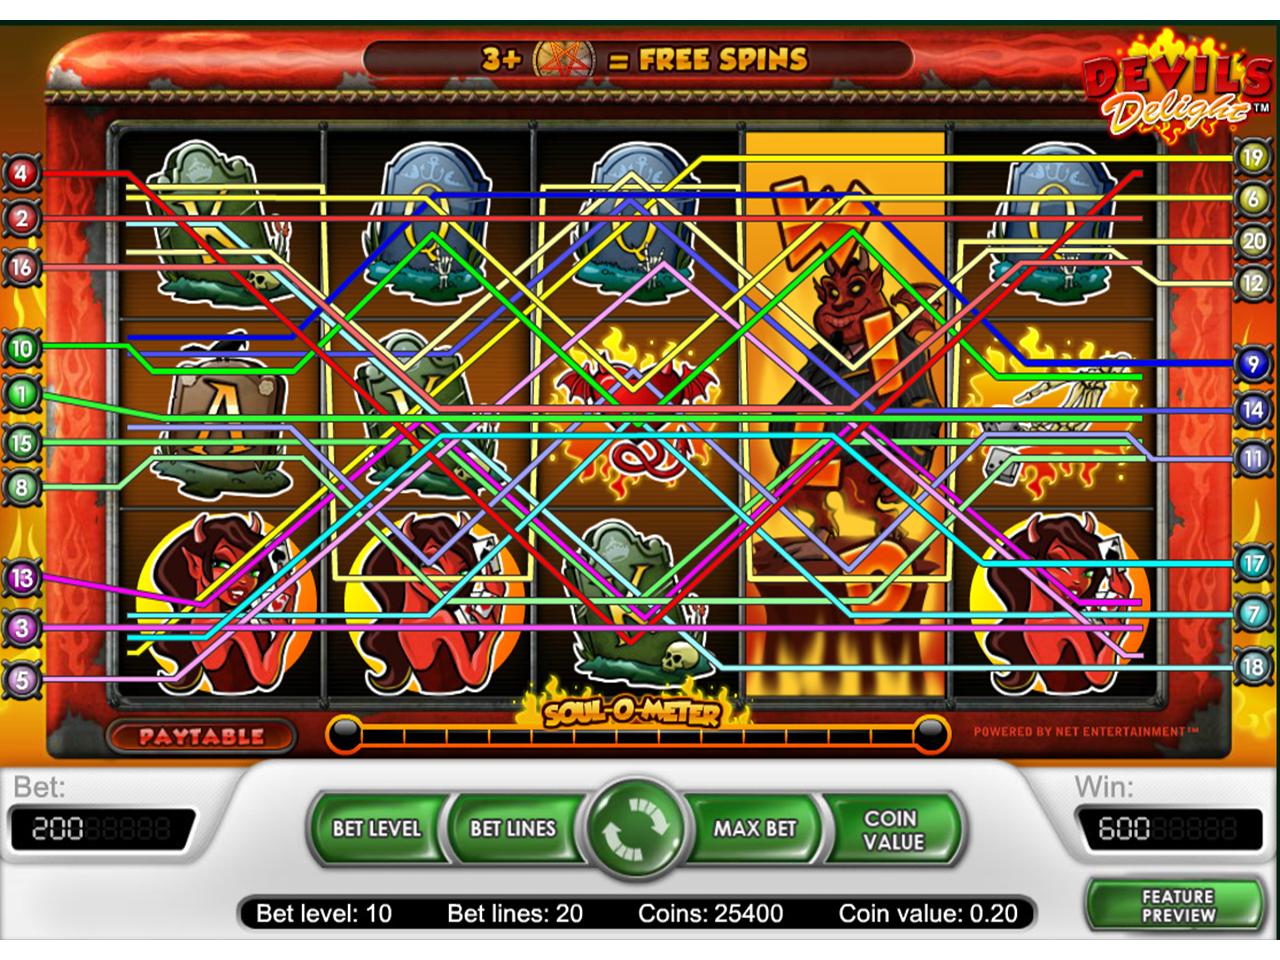 Jetzt Devil's Delight online spielen